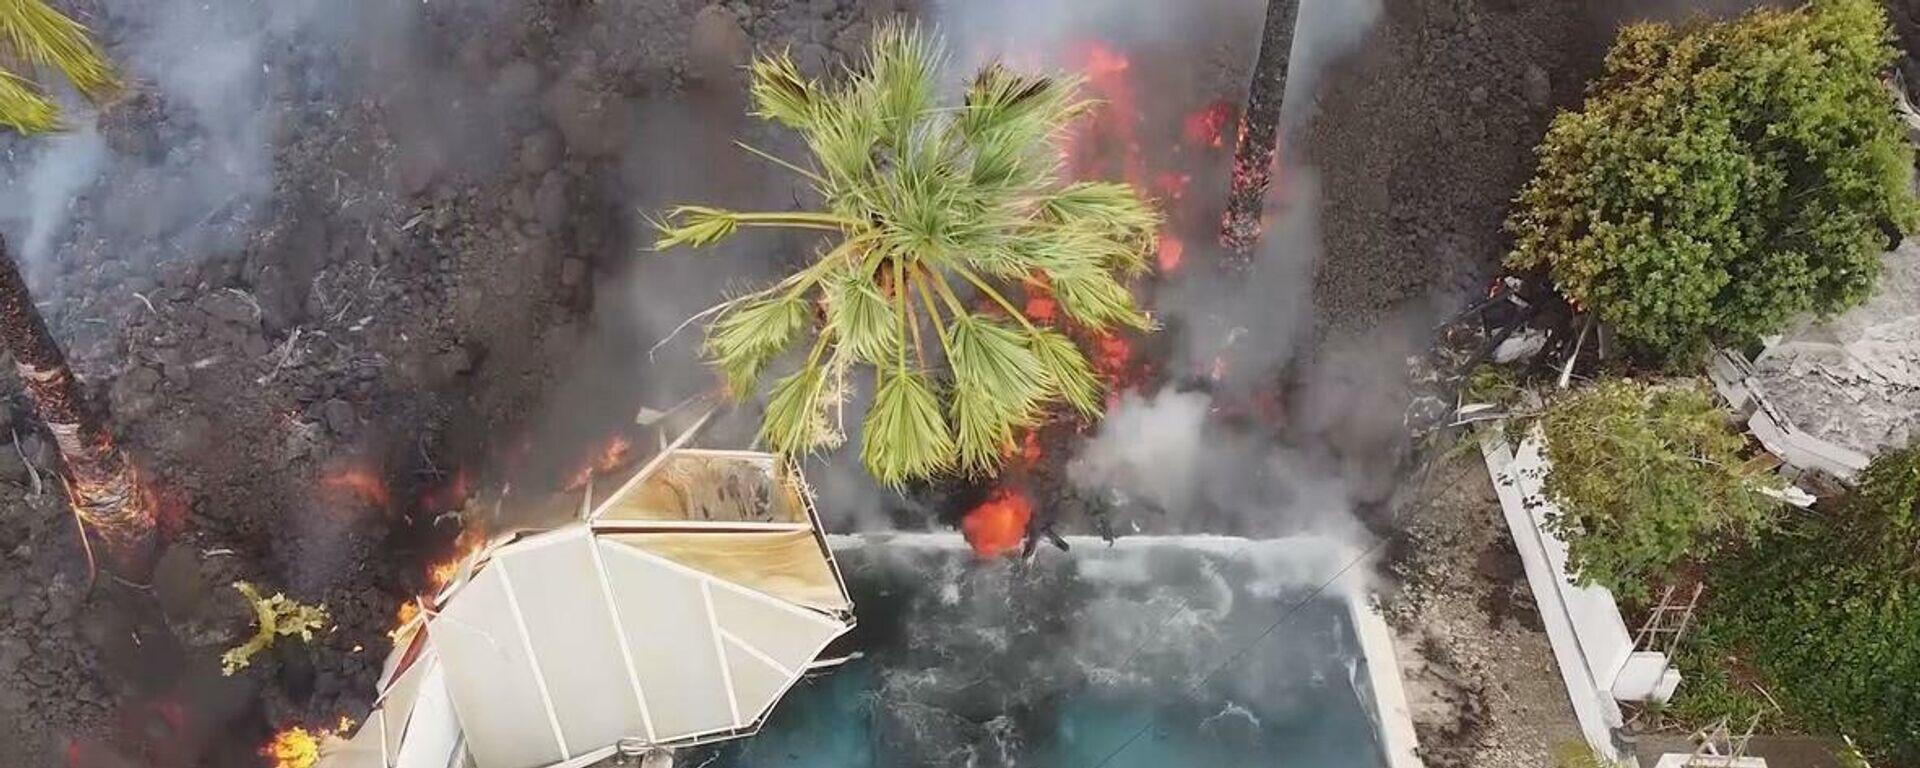 Το ποτάμι της φωτιάς: Λάβα καταπίνει πισίνες και σπίτια στη Λα Πάλμα - Sputnik Ελλάδα, 1920, 22.09.2021